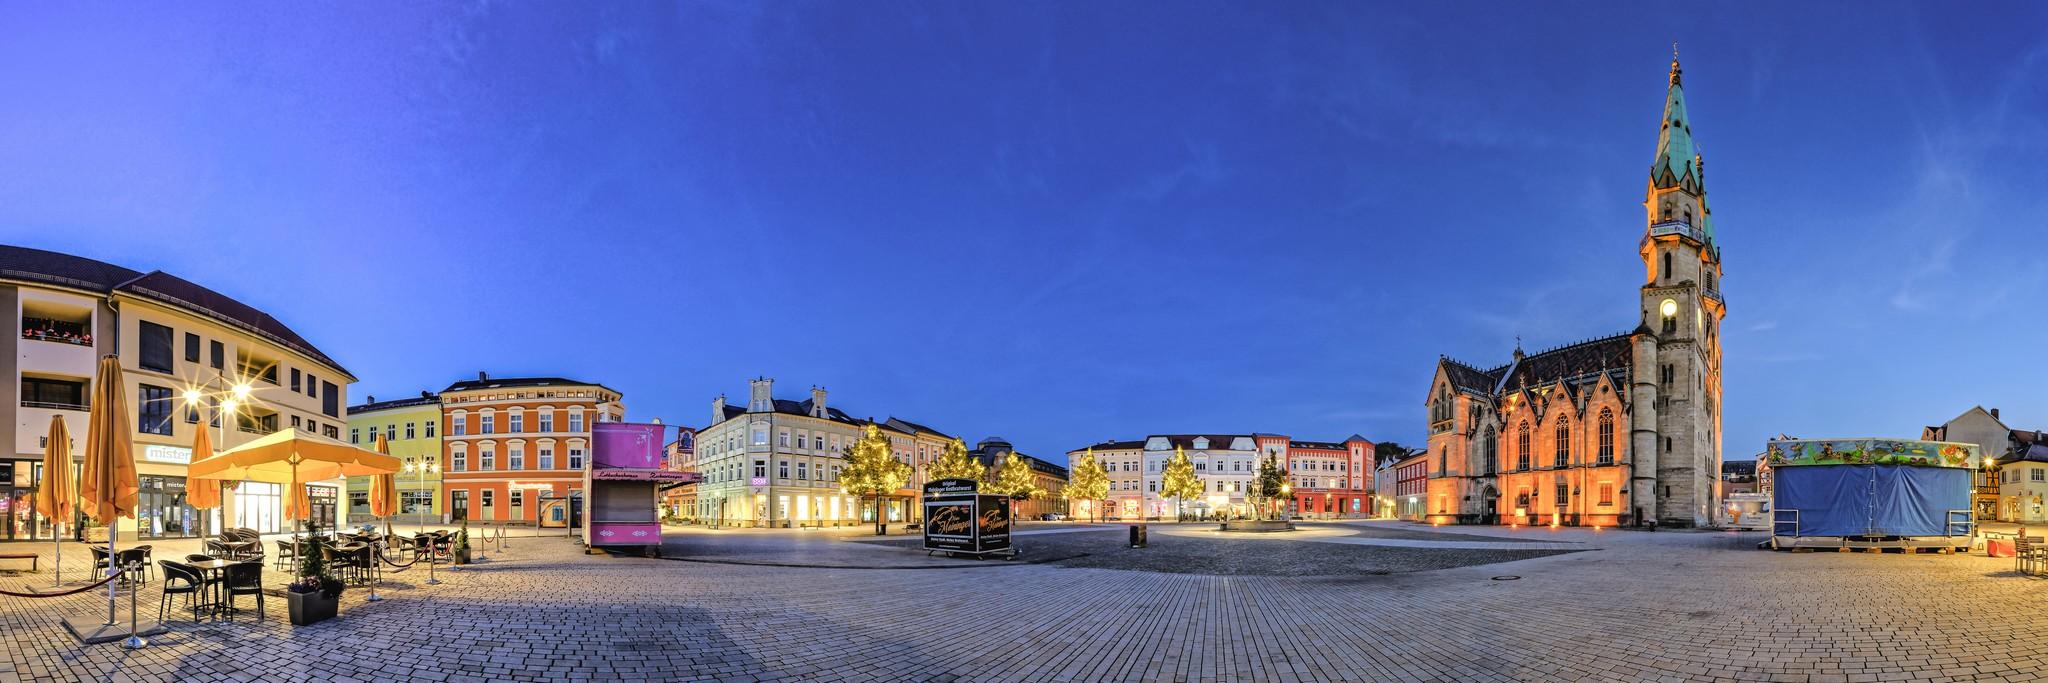 Marktplatz Meiningen